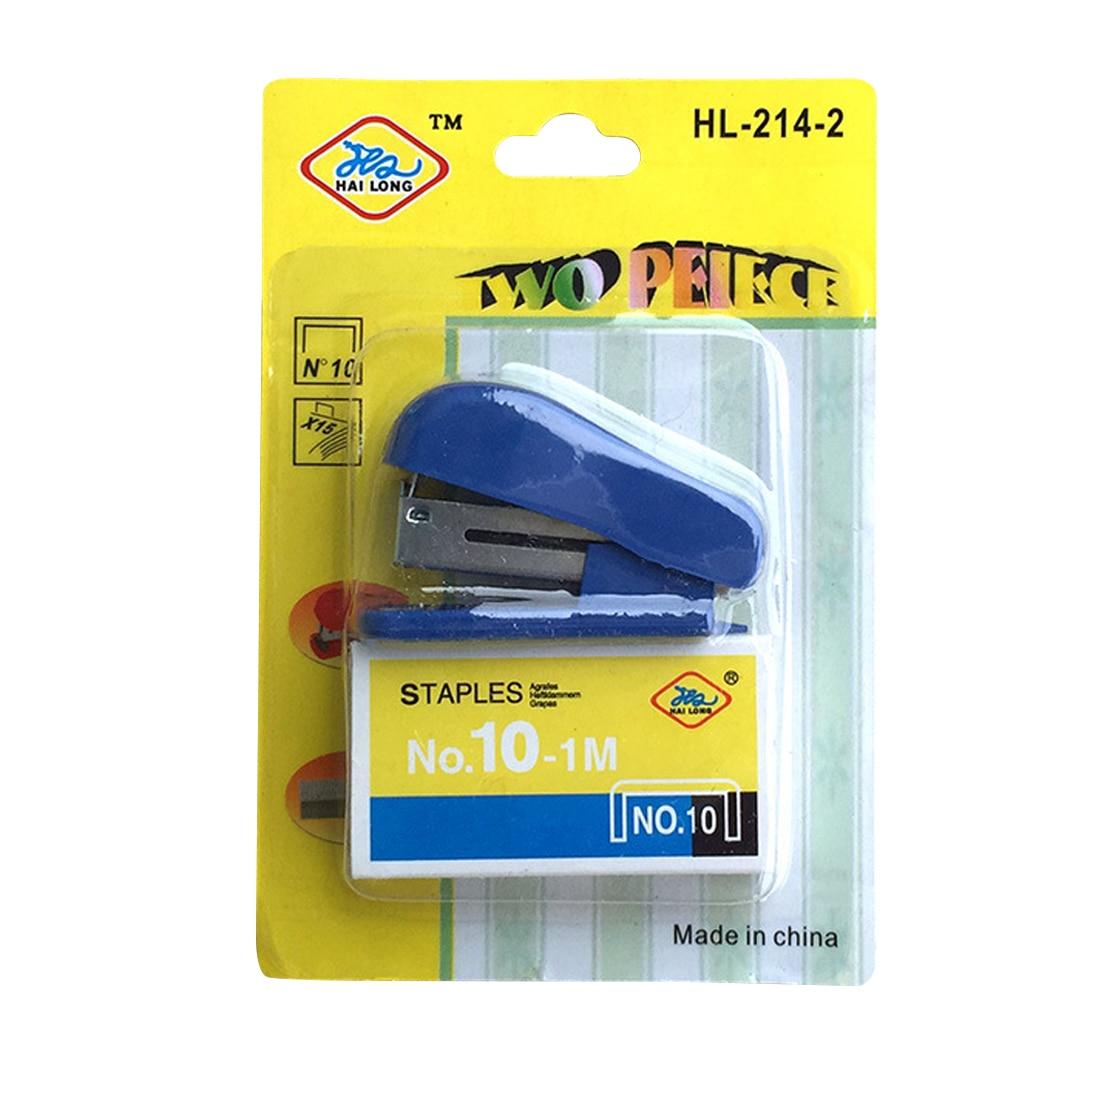 FangNymph Useful Mini Stapler Portable Kawaii Super Mini Small Stapler Staples Set Office Binding Stationery Random Color